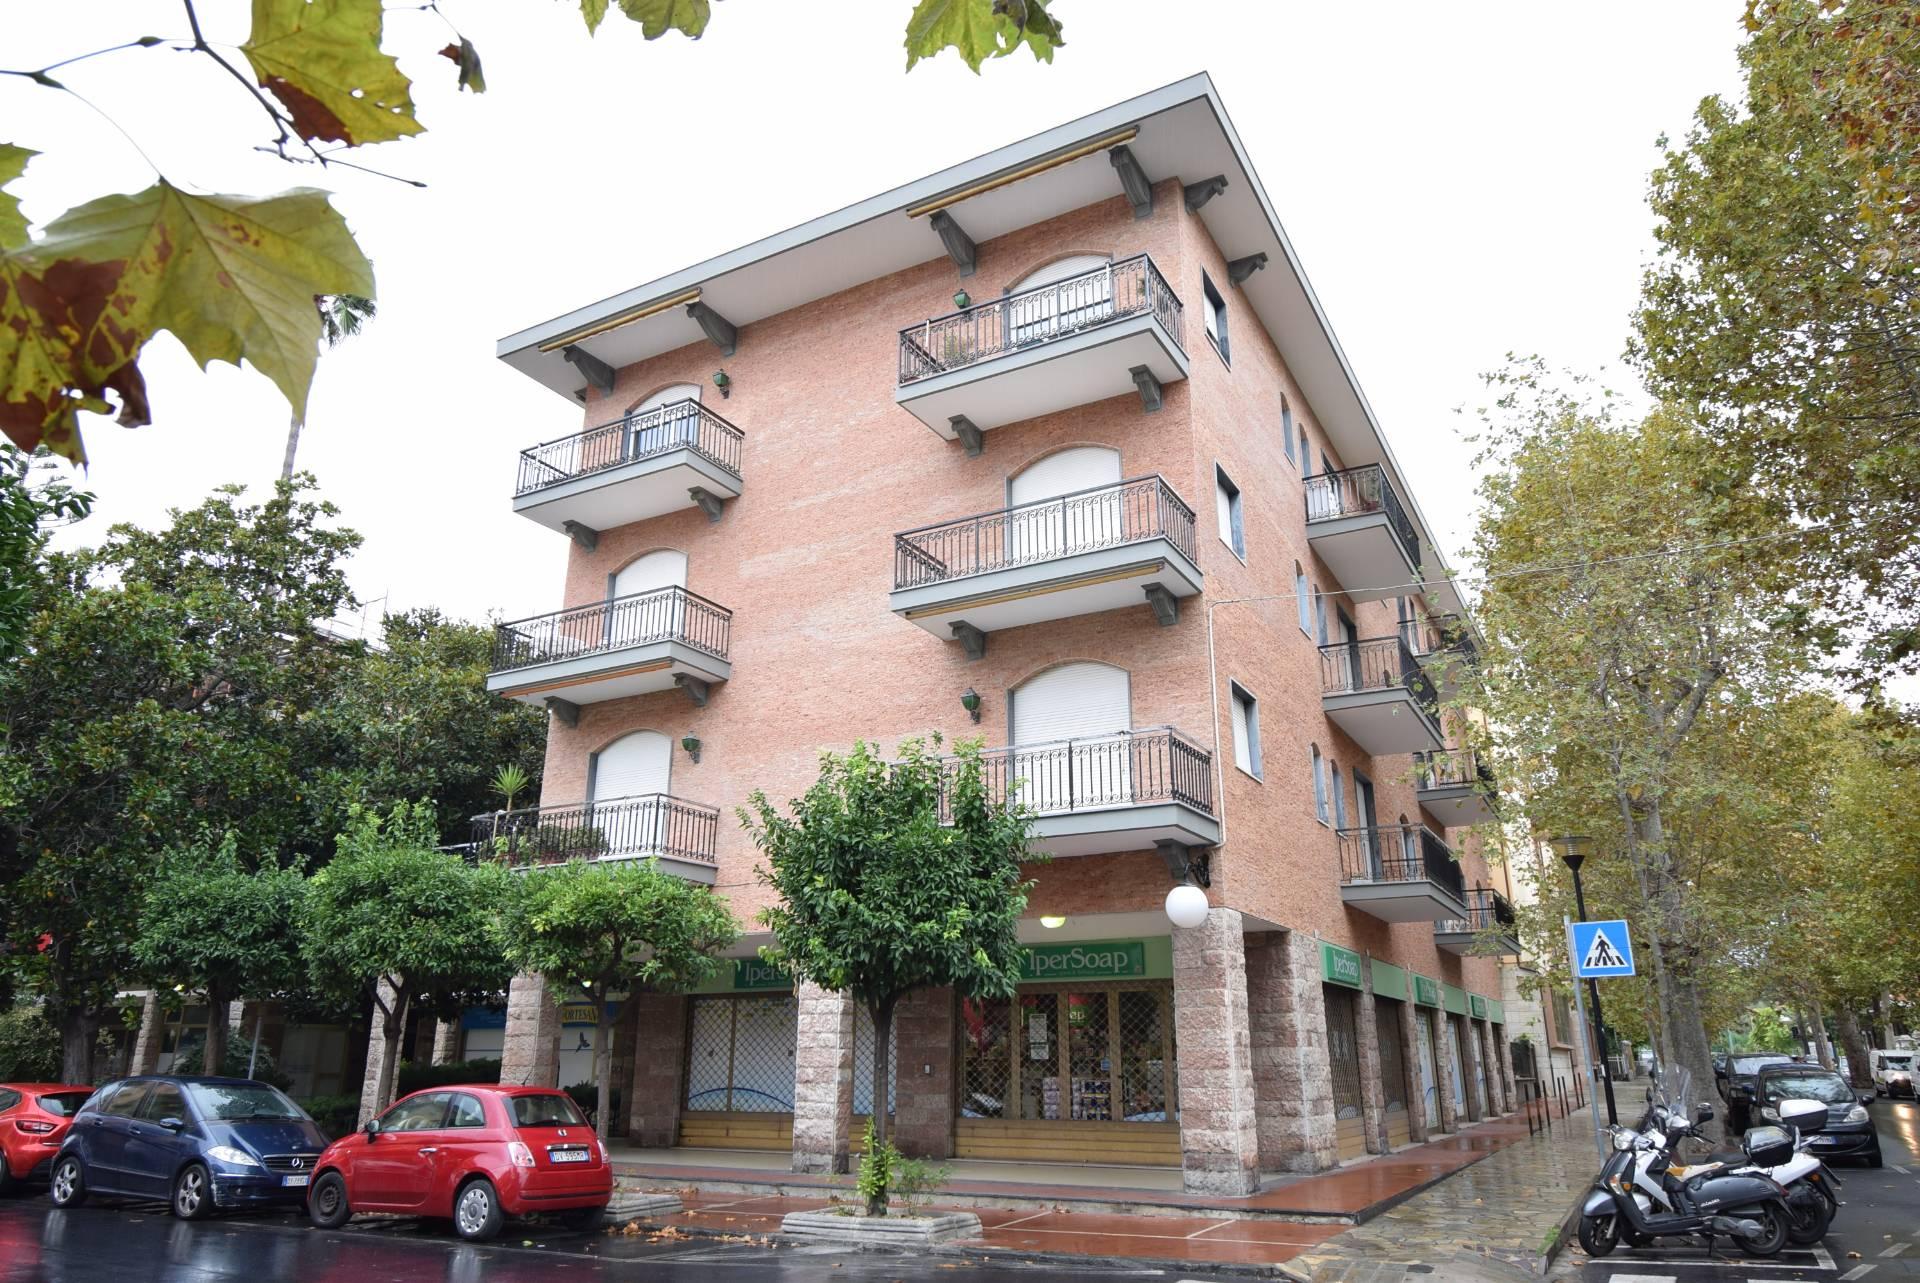 Appartamento in vendita a Diano Marina, 4 locali, prezzo € 315.000 | CambioCasa.it